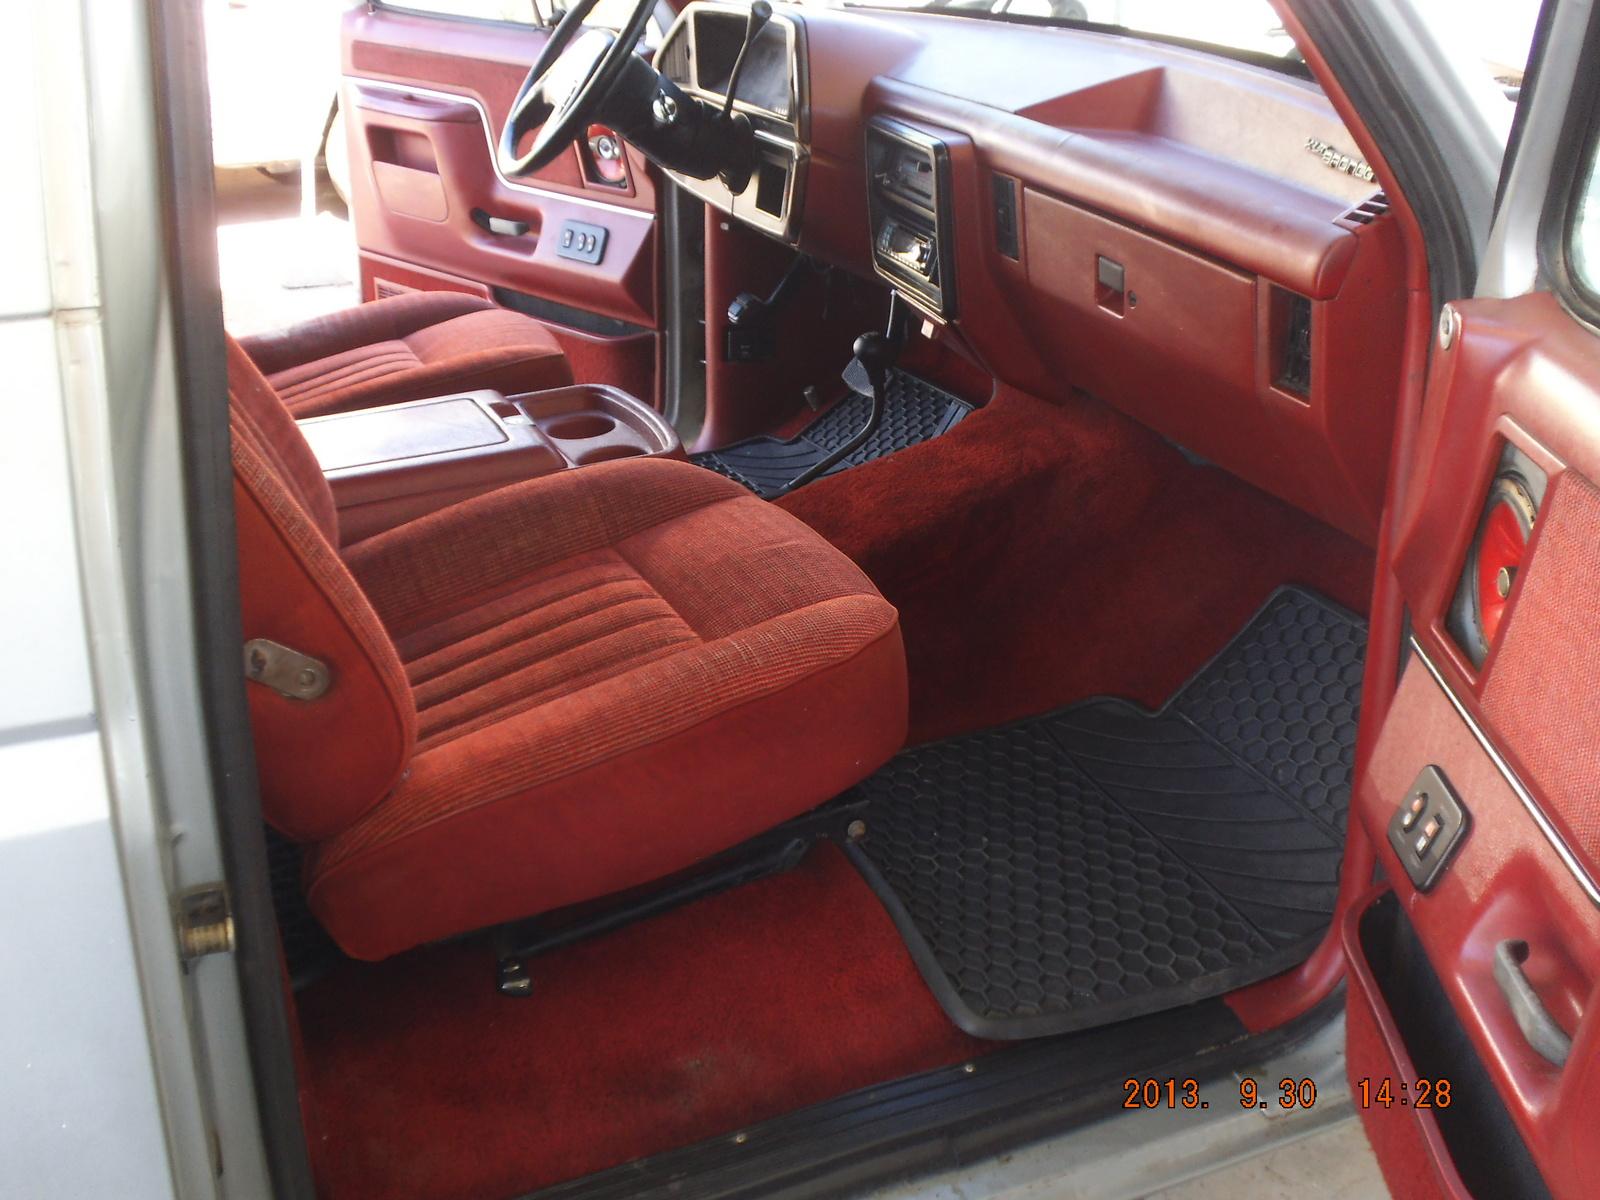 1988 Ford Bronco - Interior Pictures - CarGurus